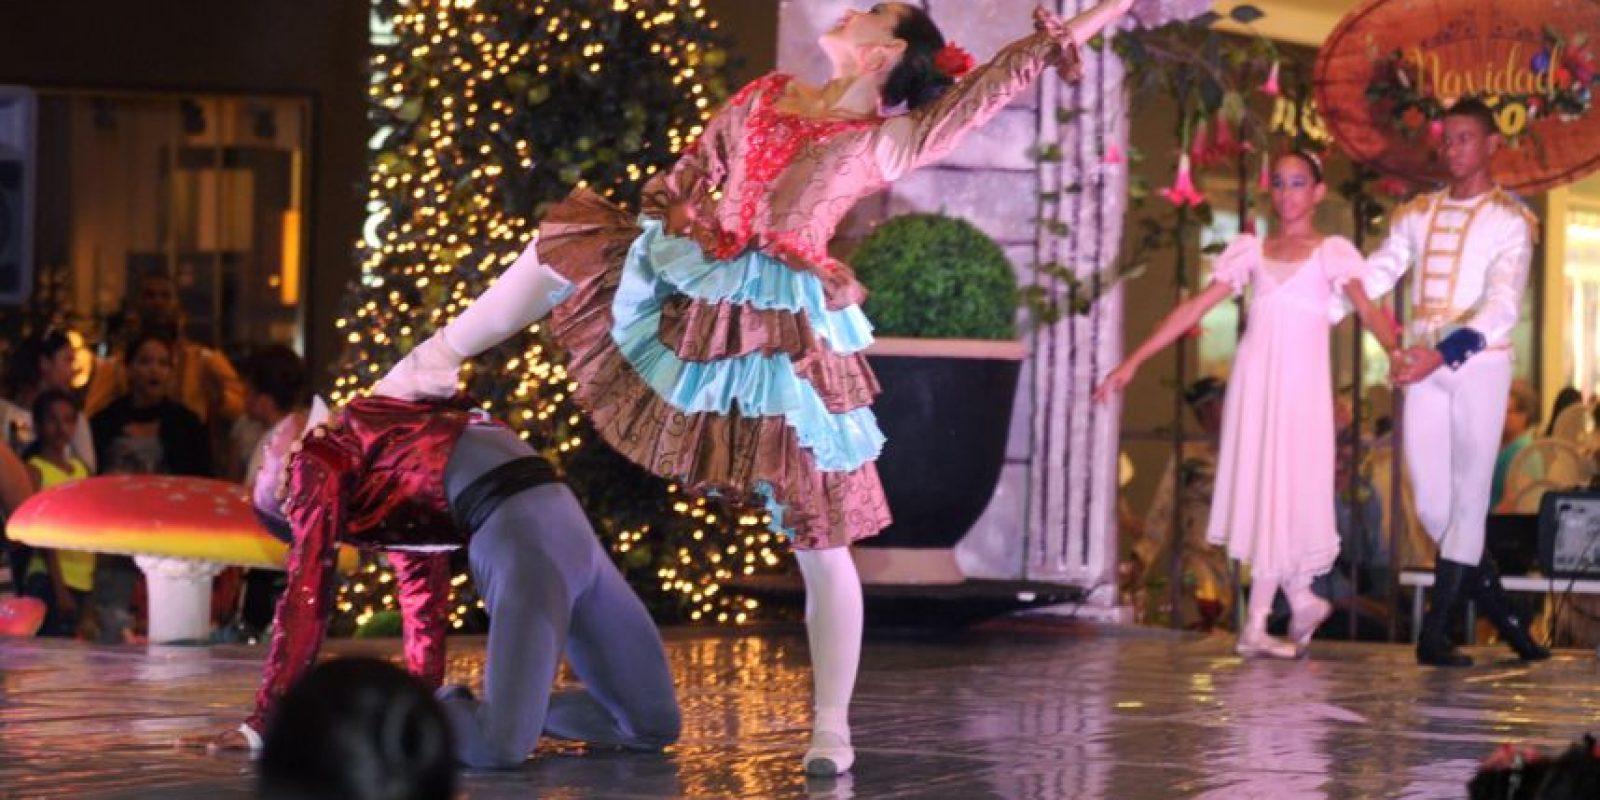 1. La producción fue protagonizada por los jóvenes estudiantes de la Escuela Nacional de Danza, que dirige la maestra Marinella Sallent quienes llevaron a todos los presentes a un viaje lleno de luz y fantasía. Foto:Fuente Externa